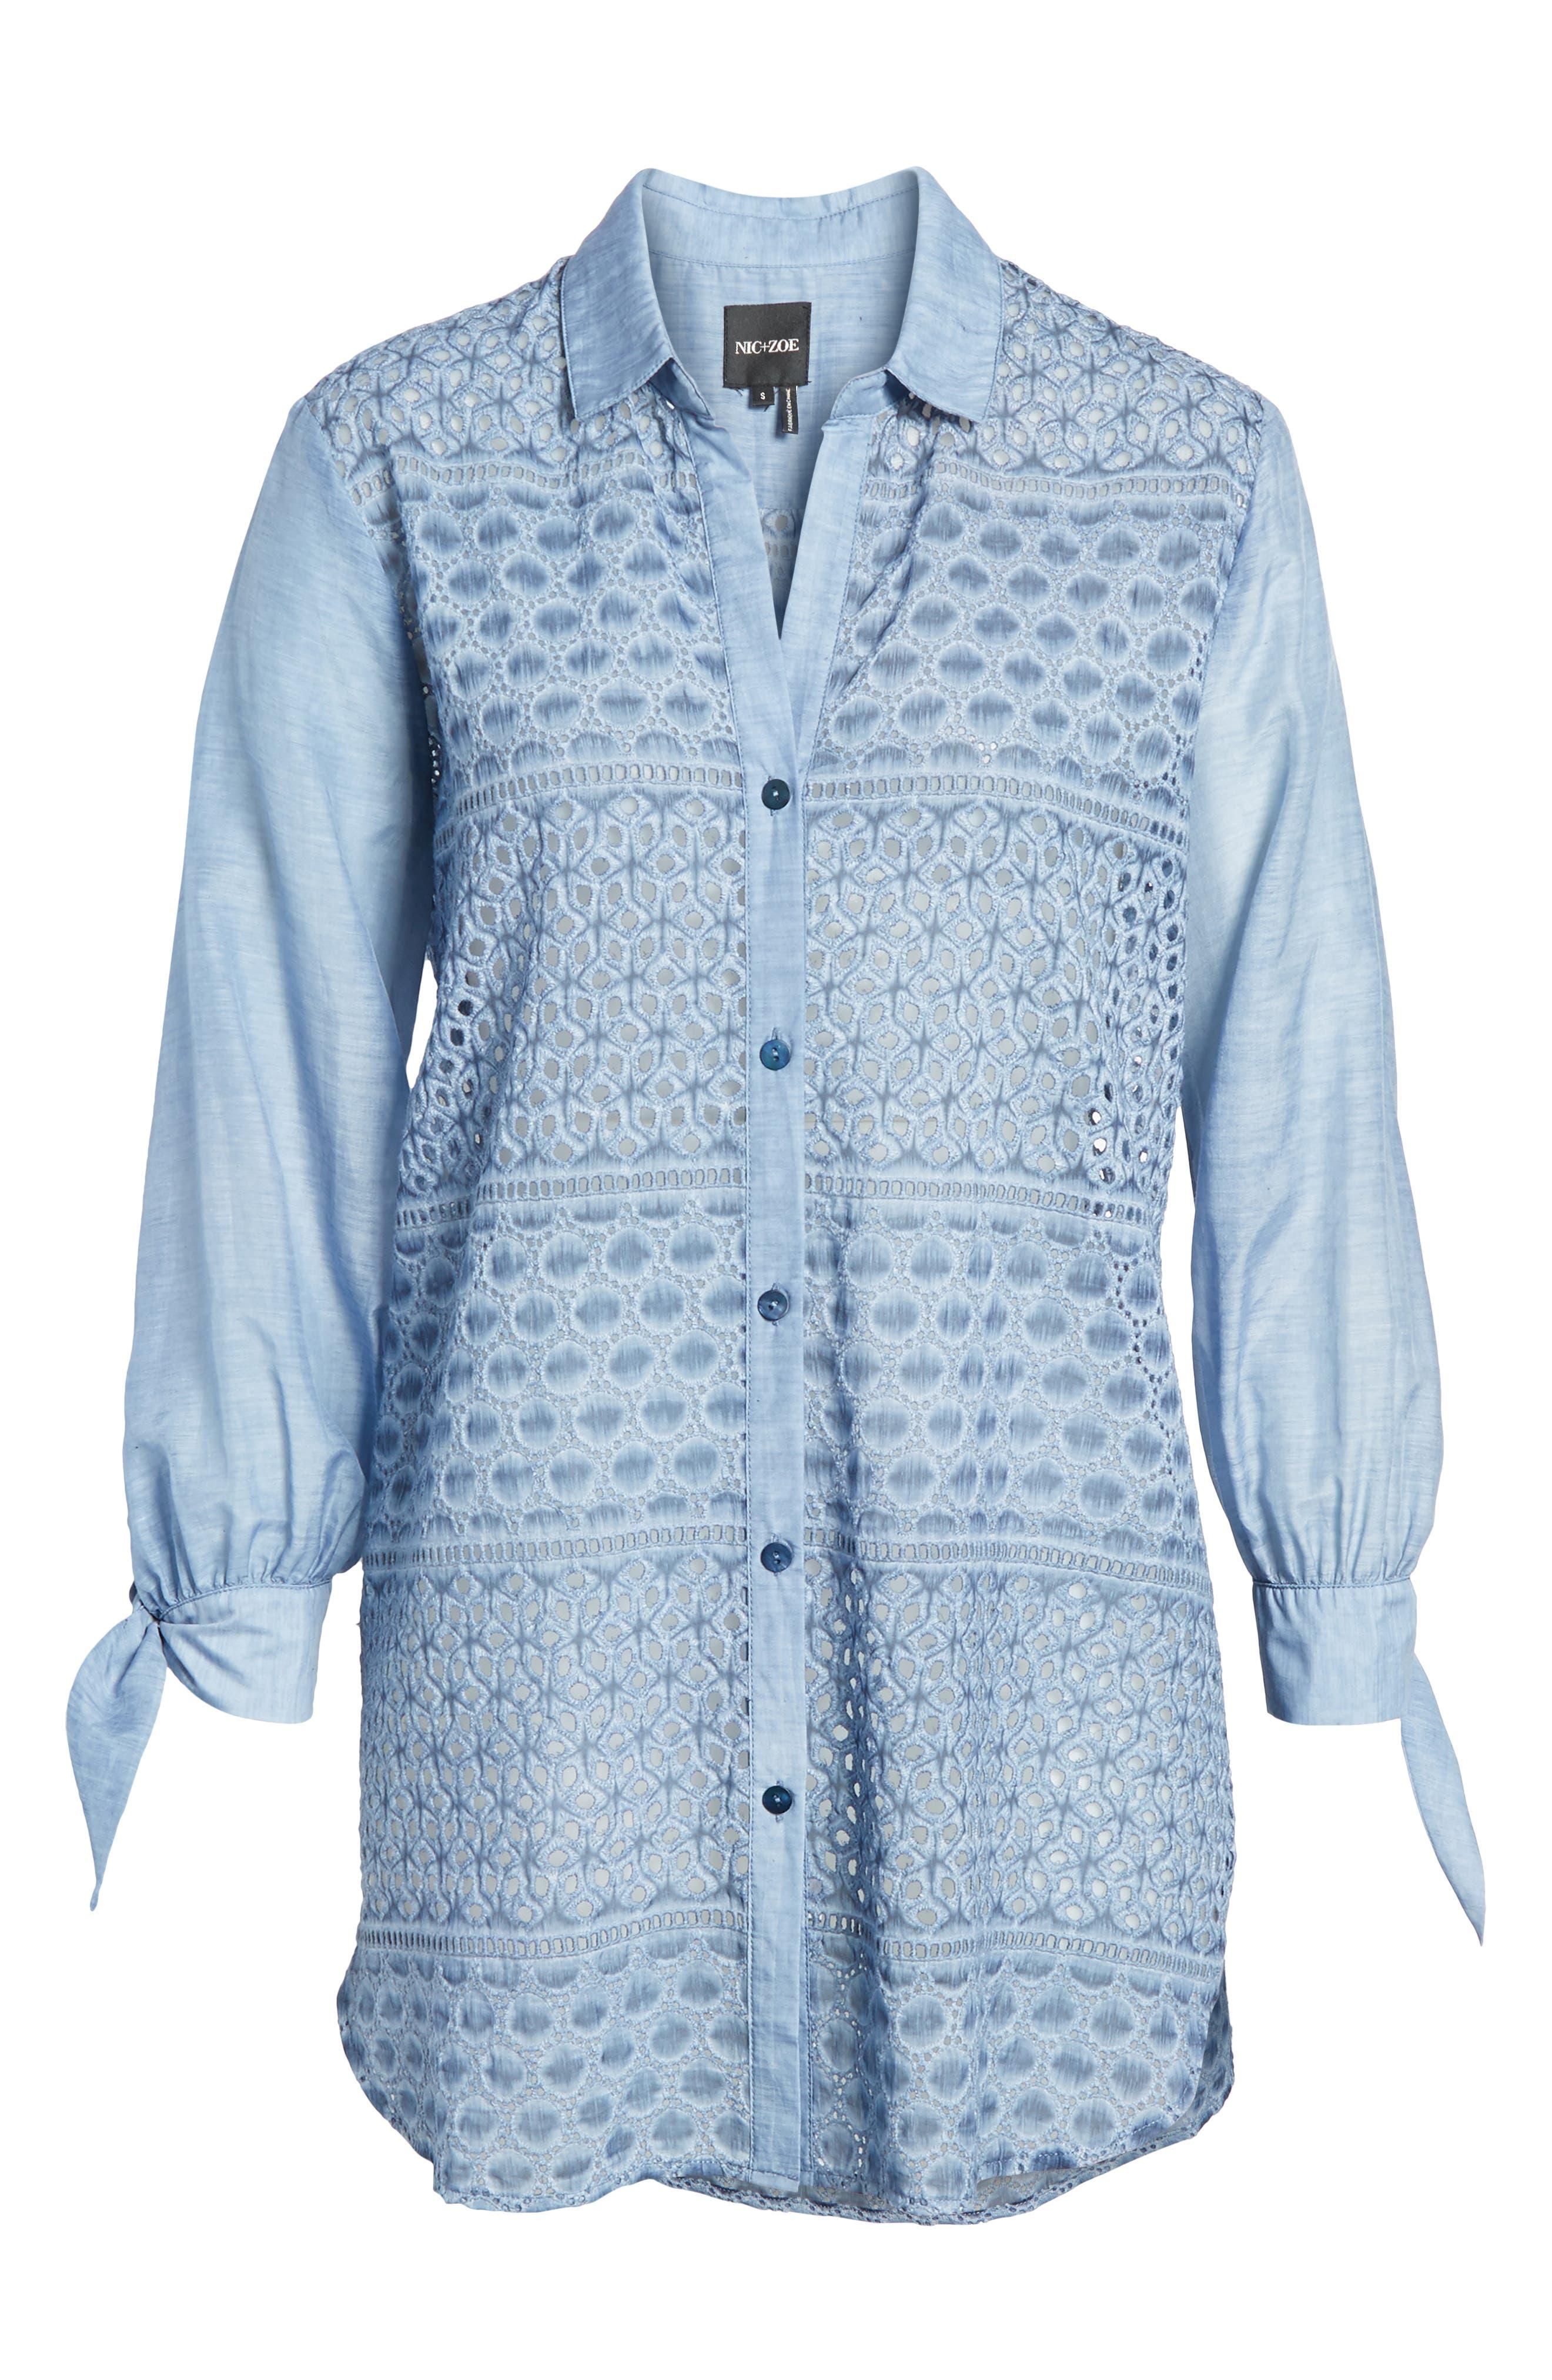 Mosaic Lace Cotton Silk Blouse,                             Alternate thumbnail 6, color,                             Mosaic Blue